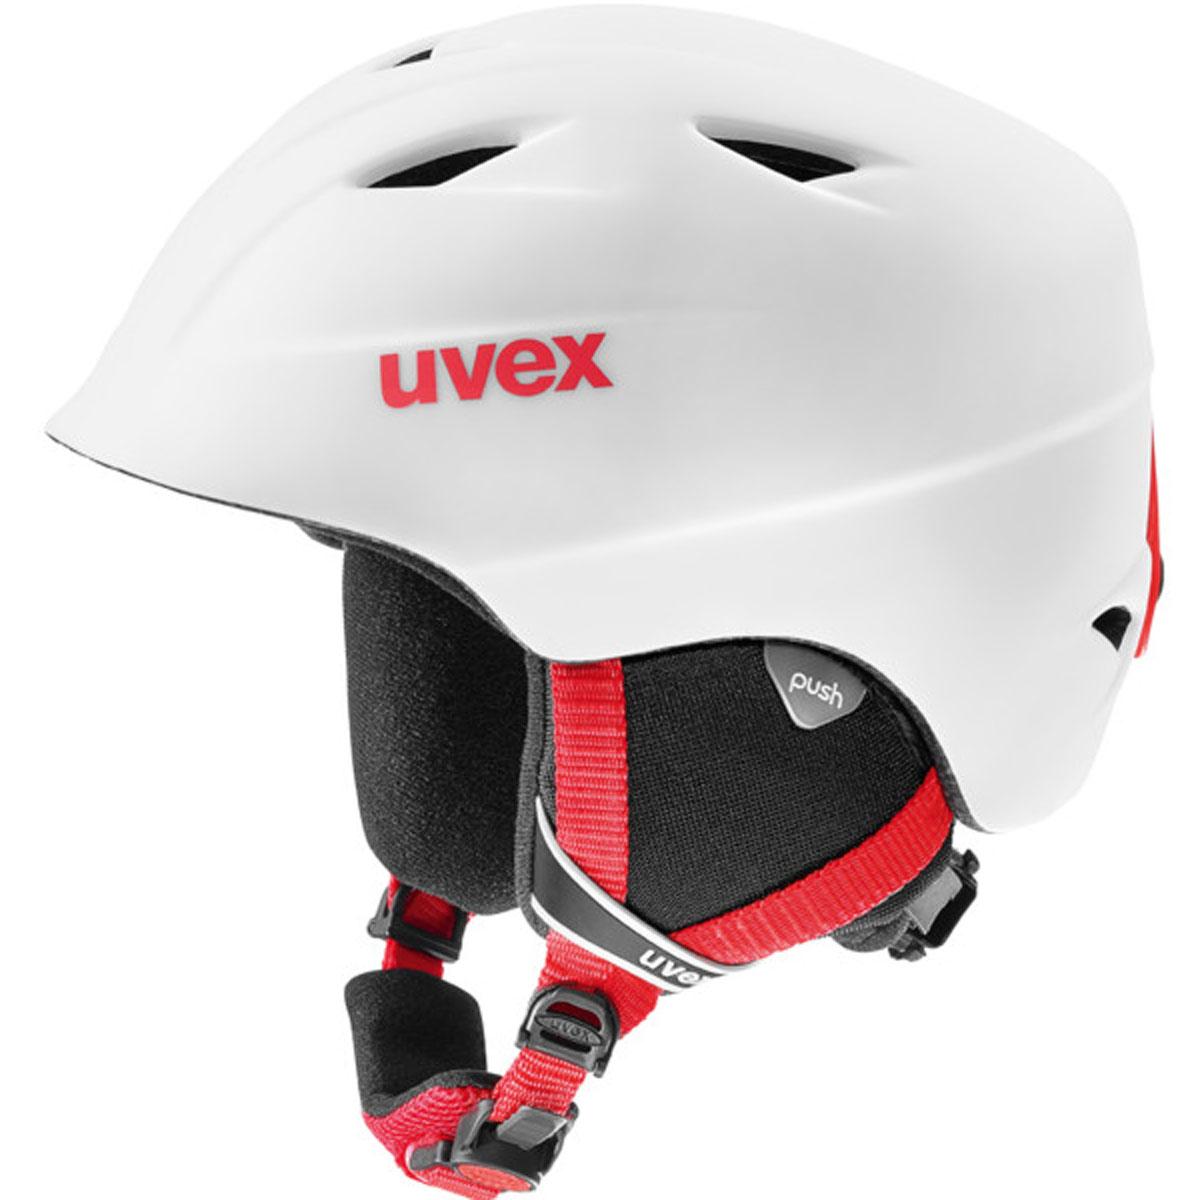 Шлем горнолыжный детский Uvex Airwing 2 Pro Kid's Helmet, цвет: белый, красный матовый. Размер XS шлем горнолыжный для мальчика uvex airwing 2 kid s helmet 6132 46 синий размер xxs